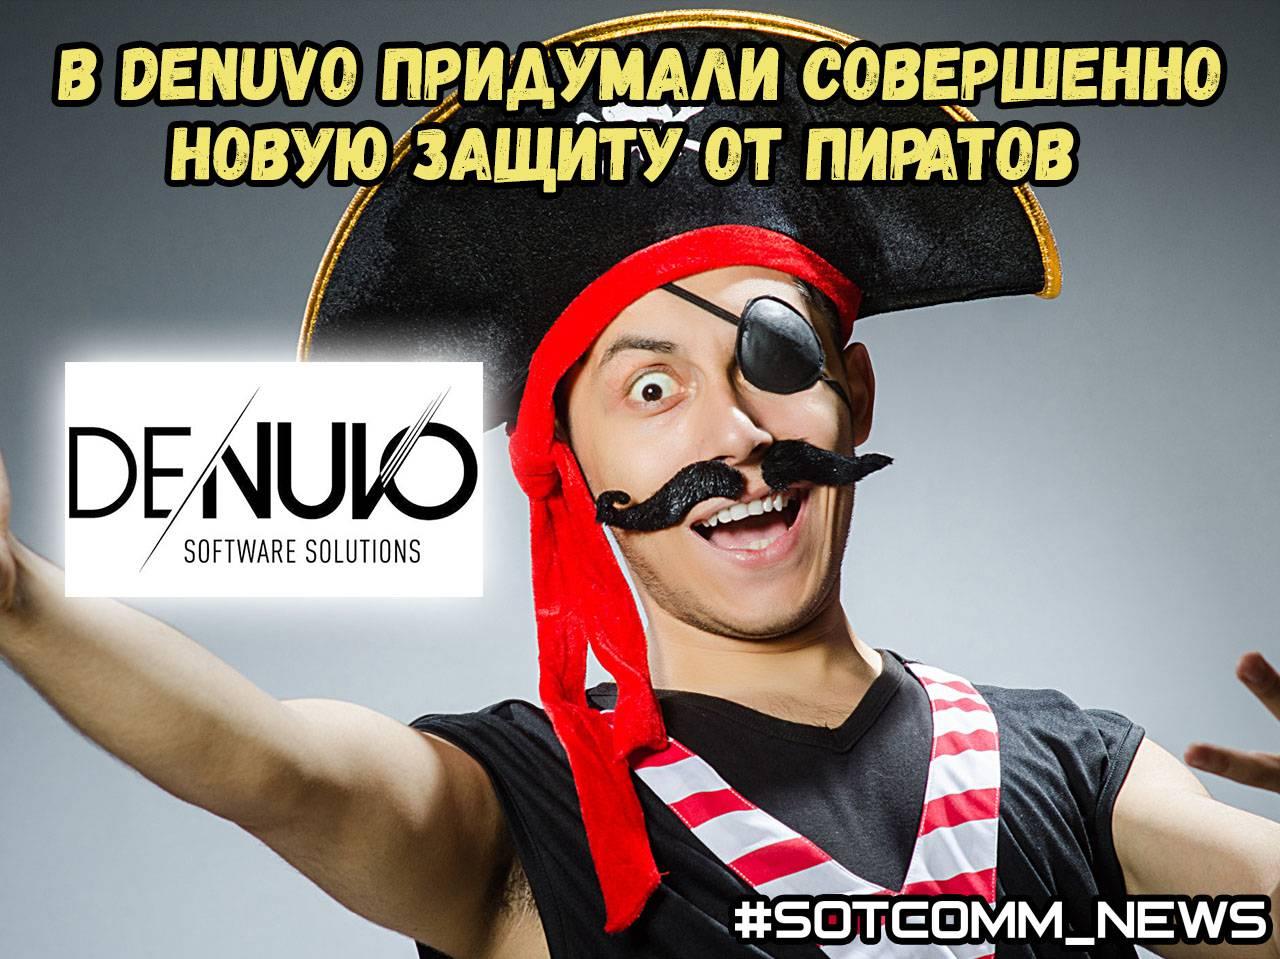 В Denuvo придумали совершенно новую защиту от пиратов